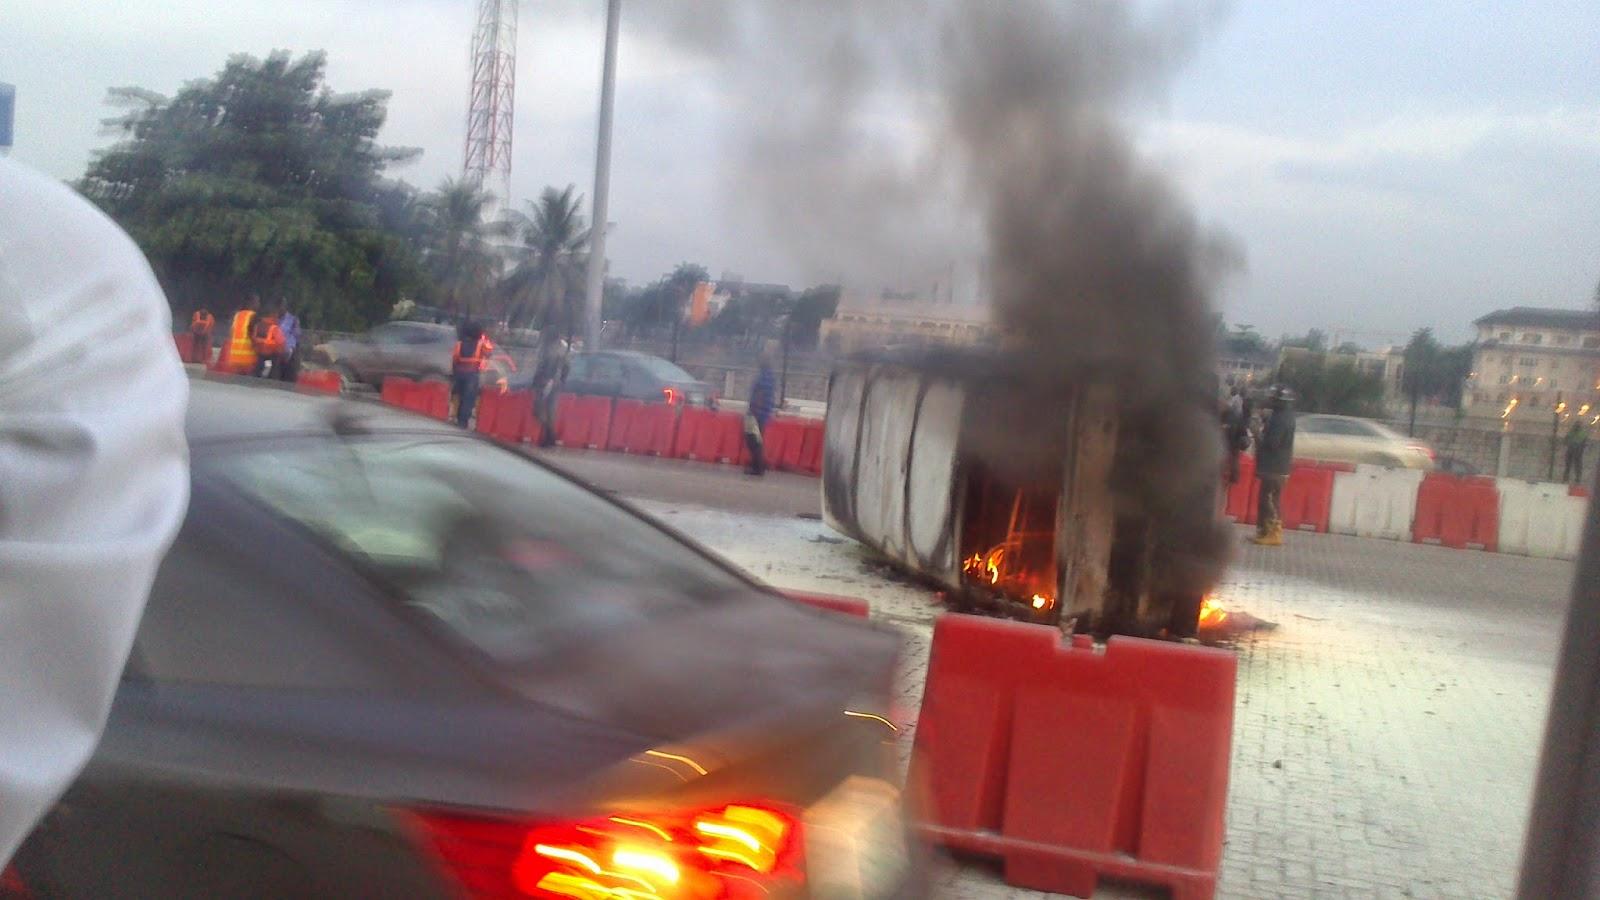 fire lekki toll gate